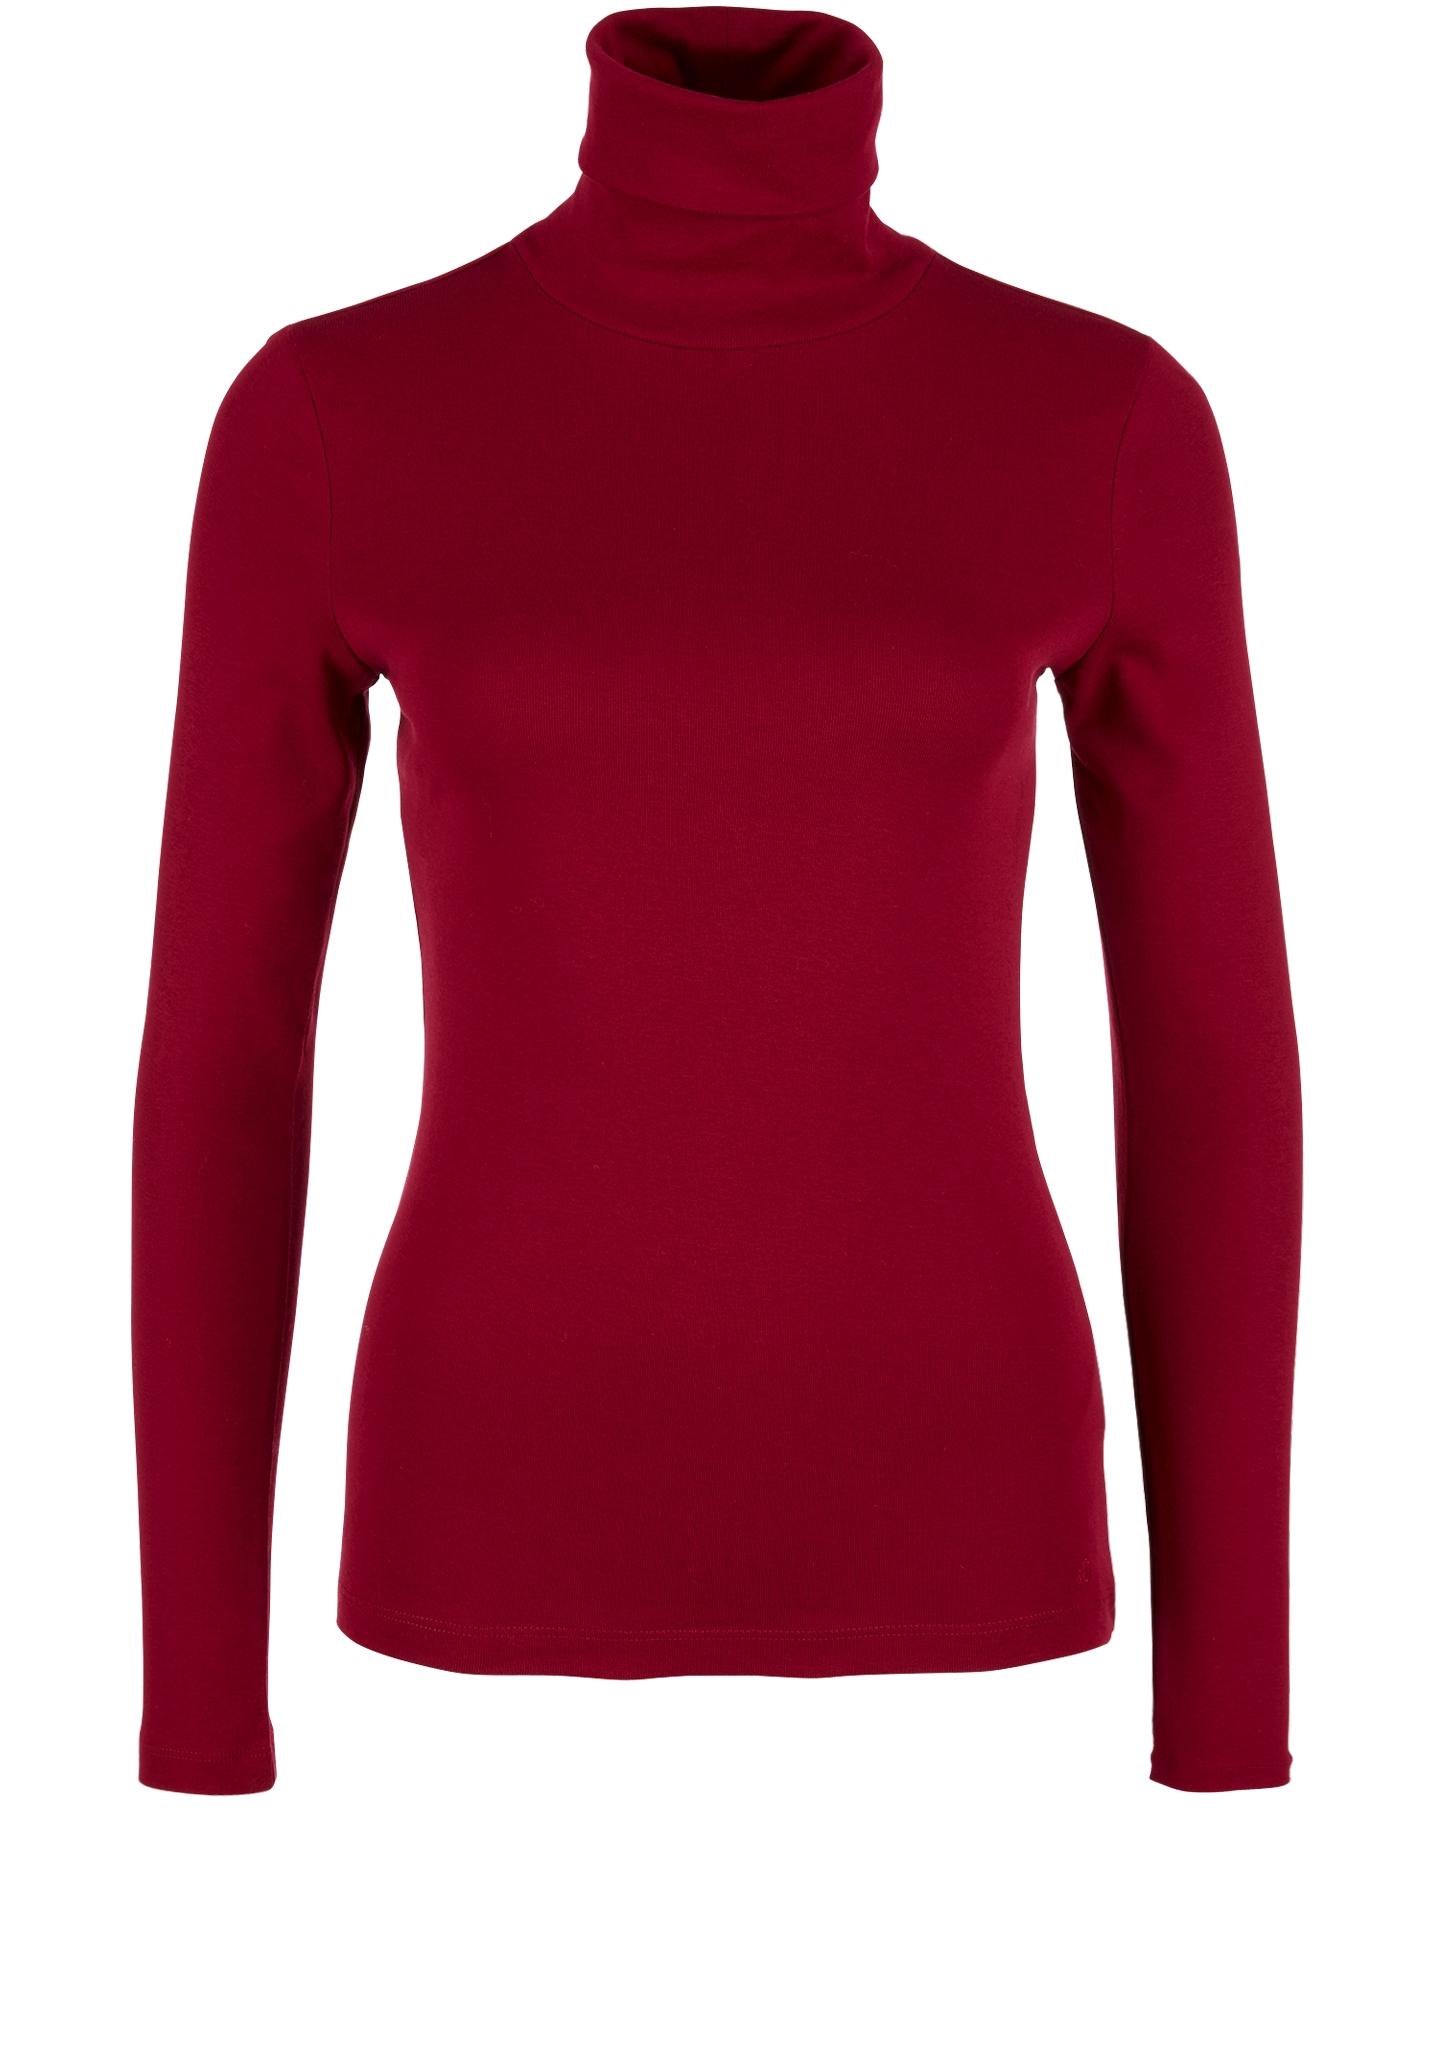 Rollkragenshirt | Bekleidung > Shirts > Rollkragenshirts | Rot | 100% baumwolle | s.Oliver